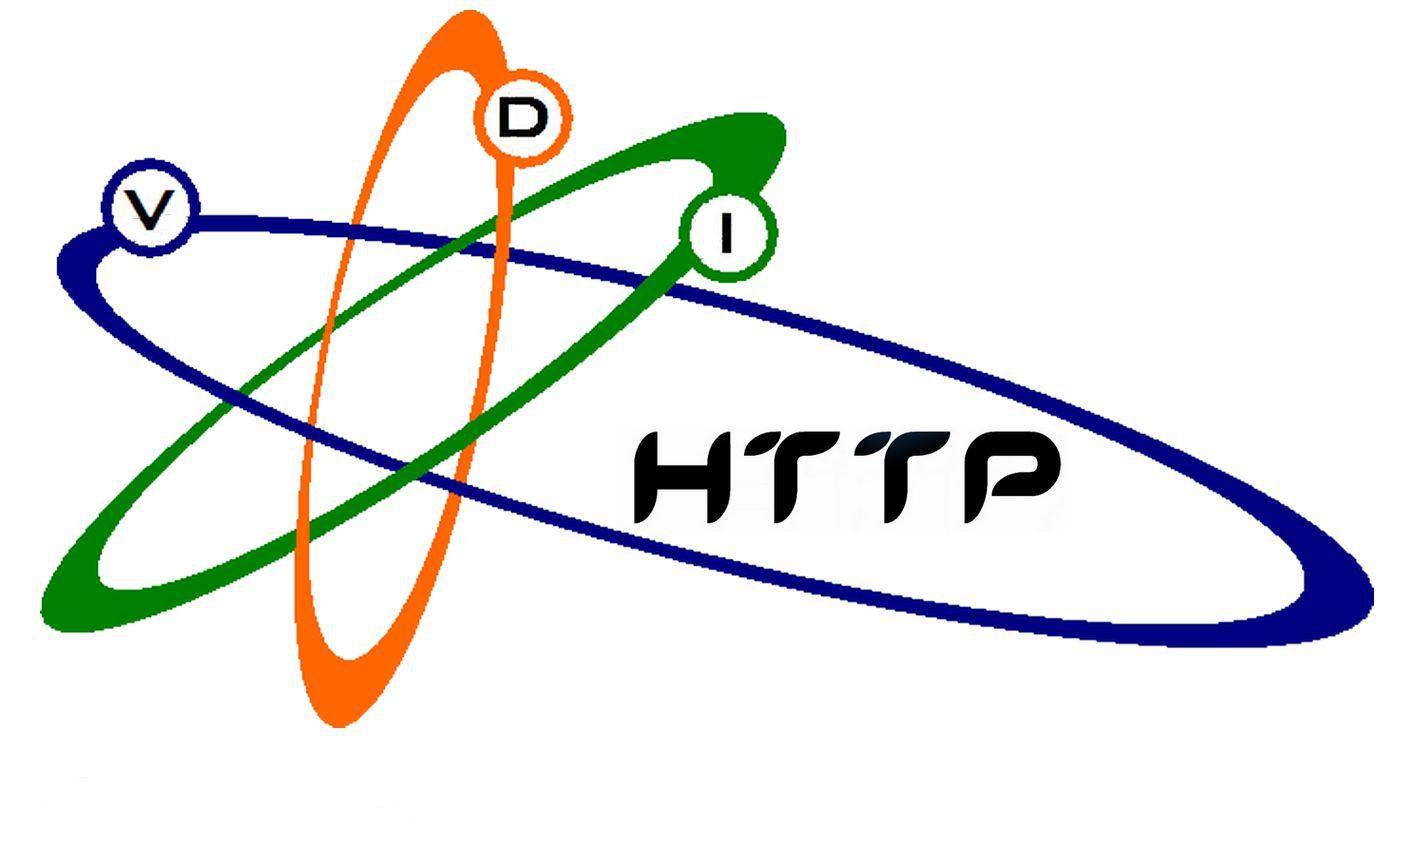 HTTP Sarl